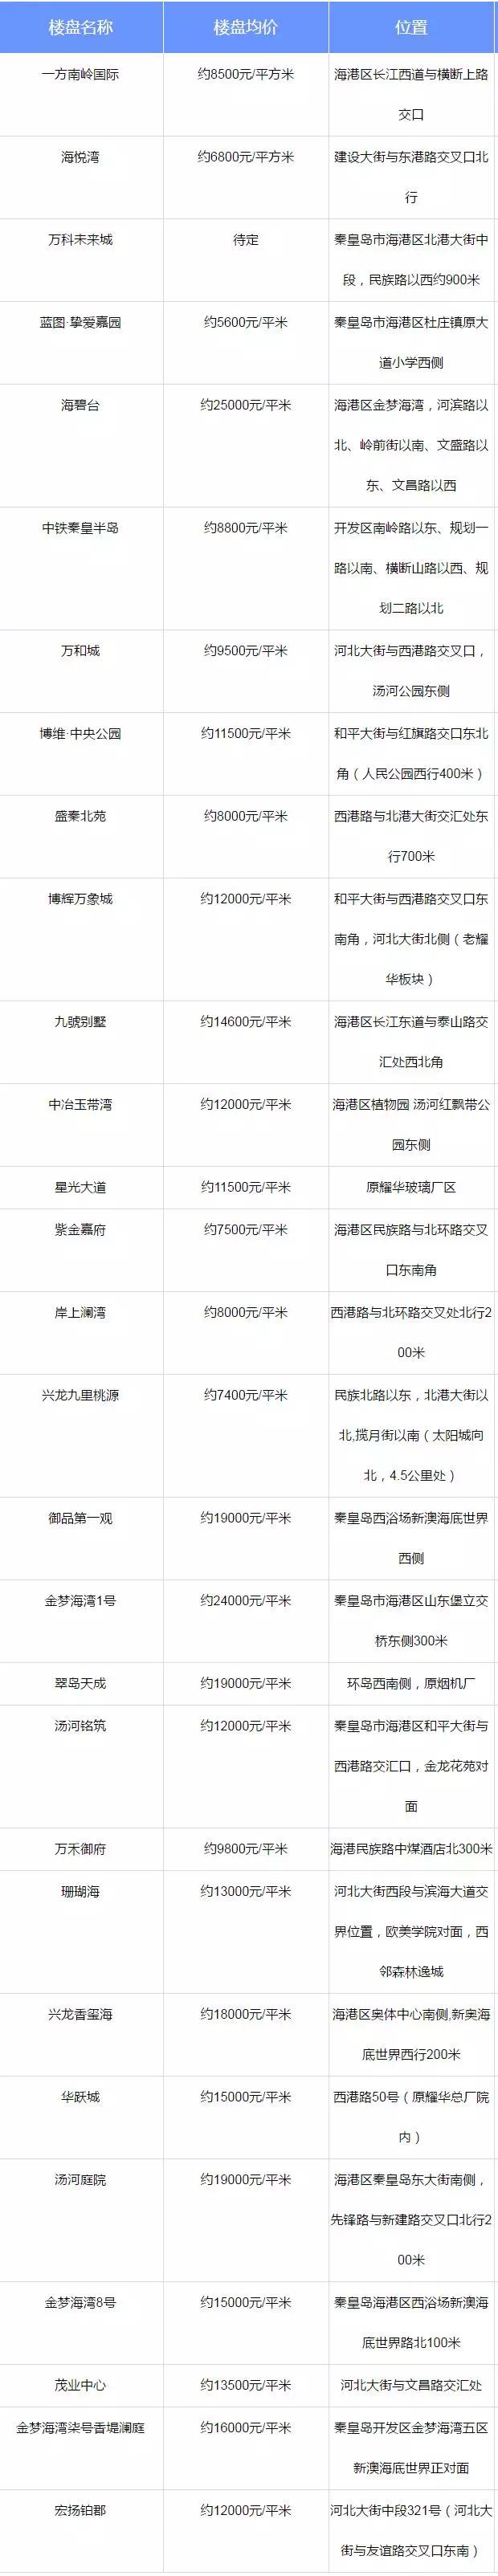 """官方汇总!秦皇岛这22家房地产企业被列""""黑名单""""!还有..."""